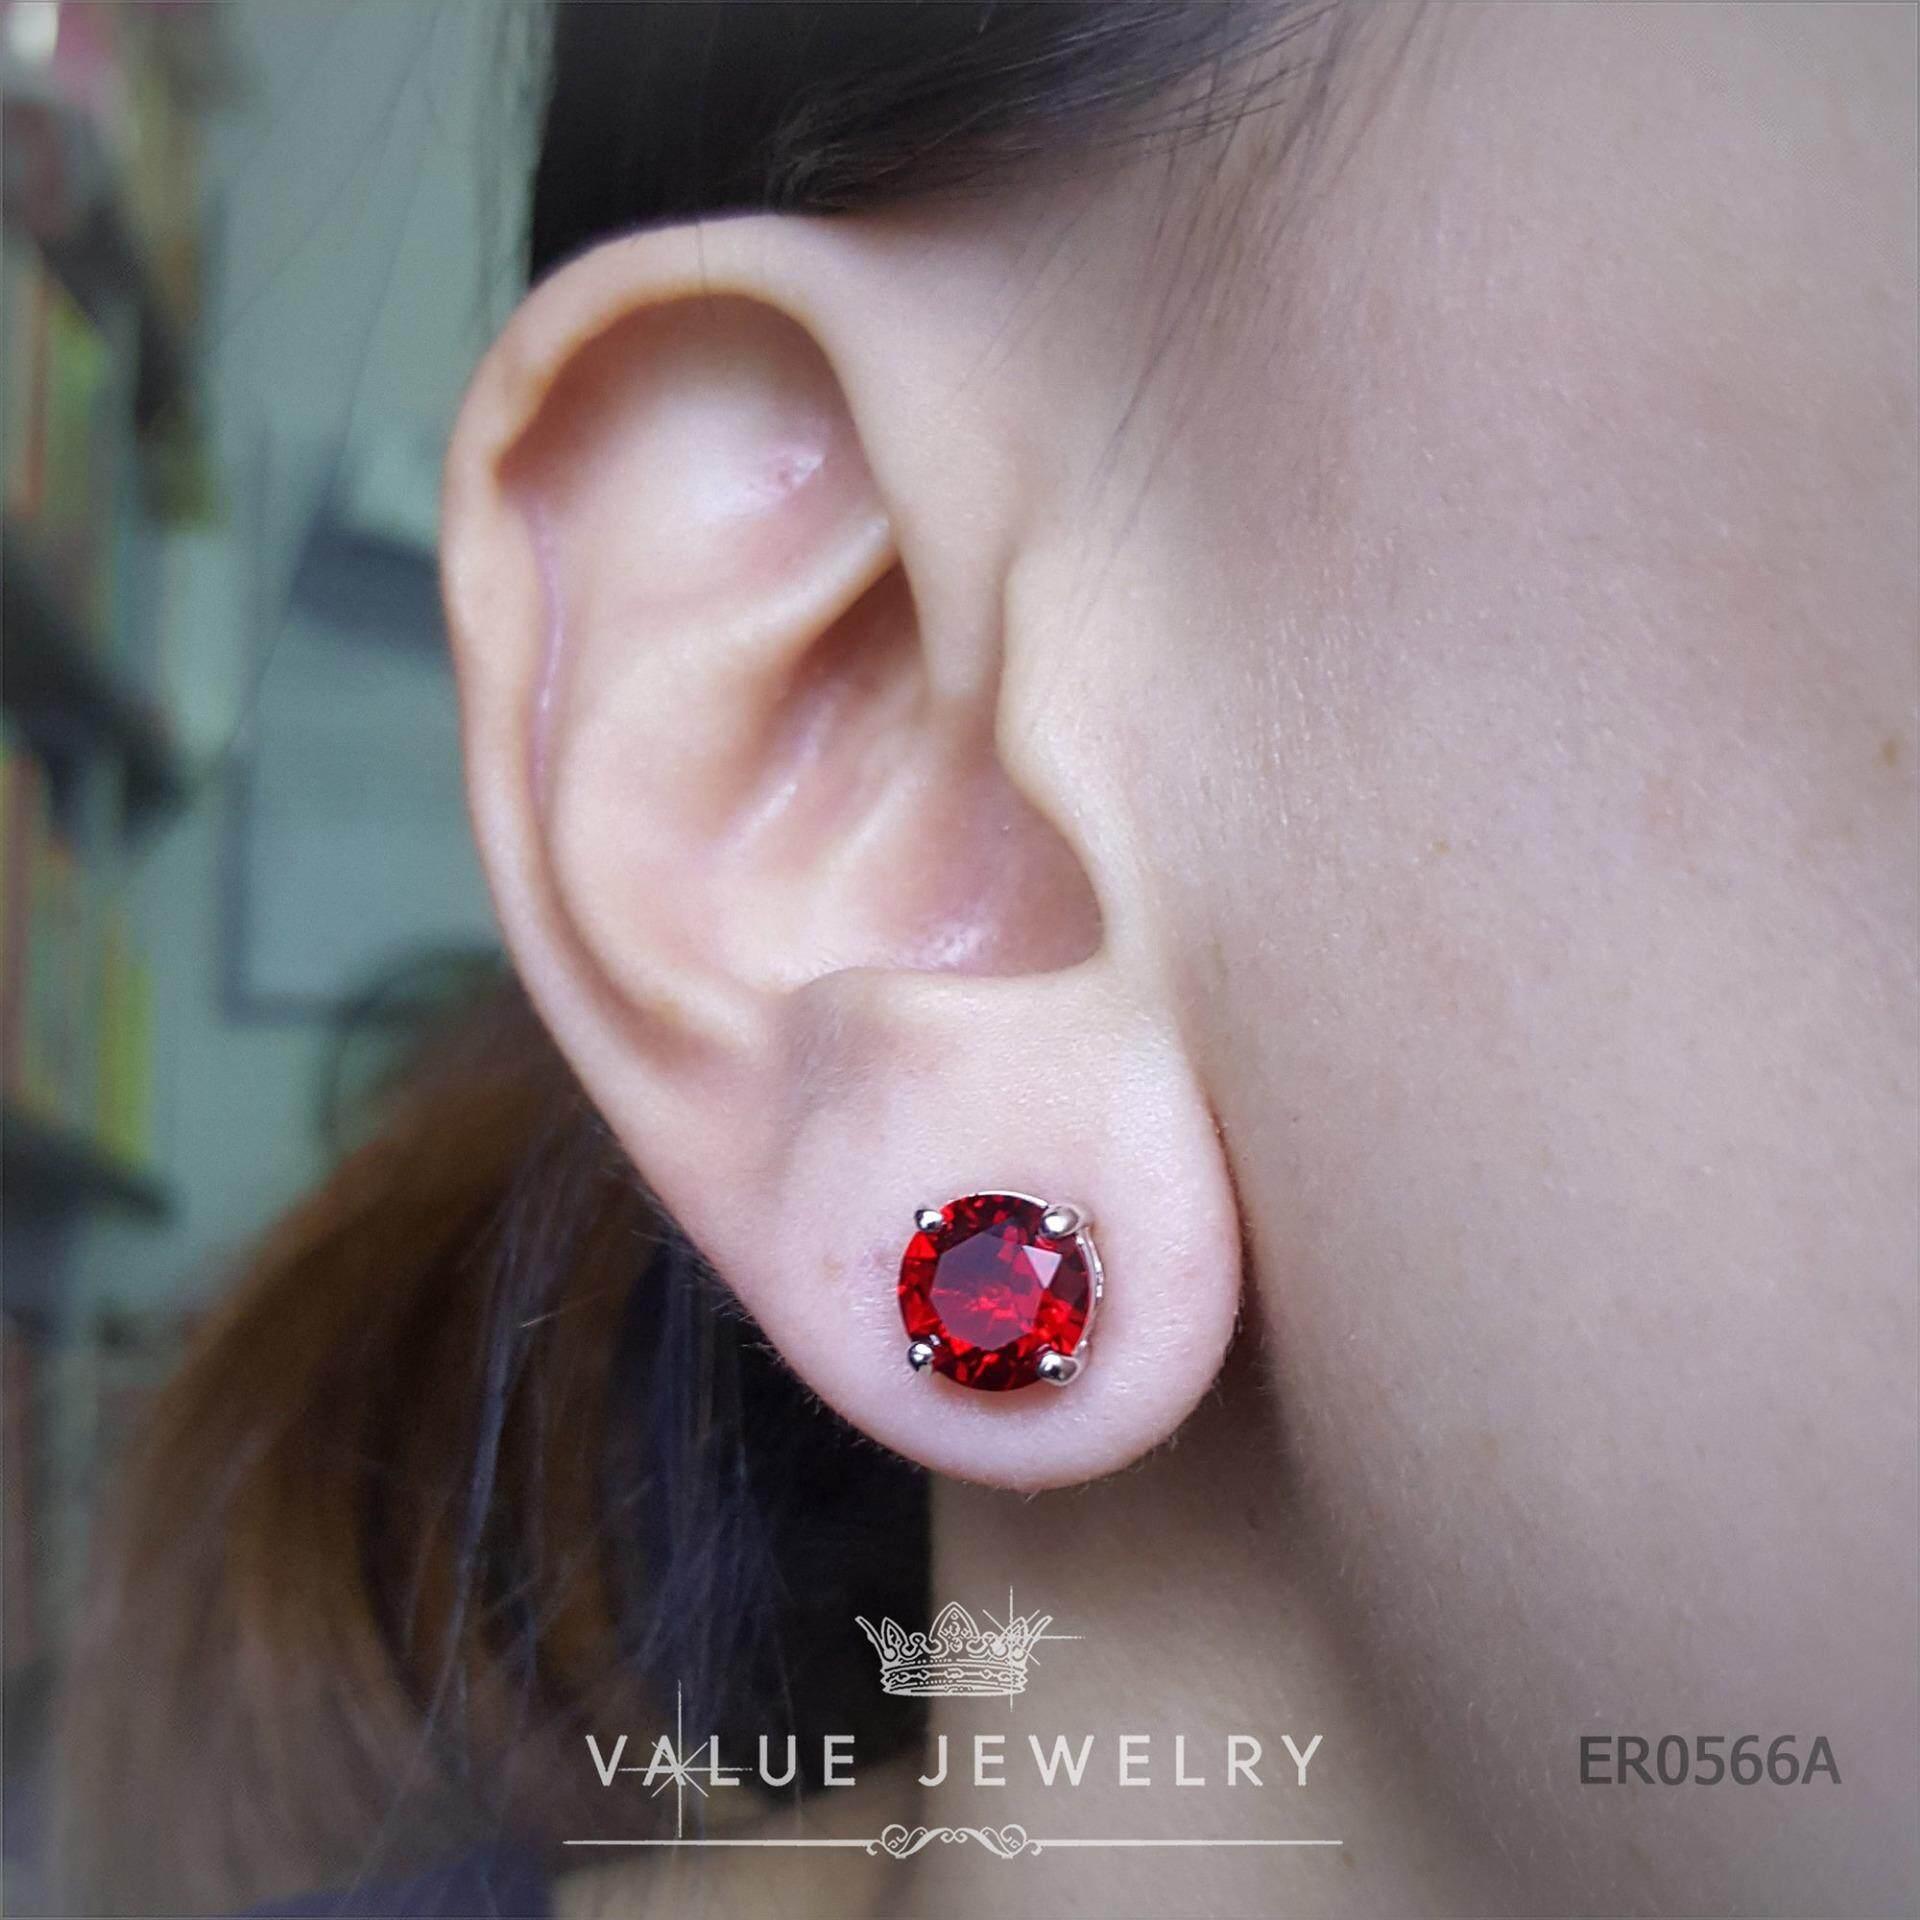 รีวิว Value Jewelry ER0566 กว้าง0.8cmยาว0.8cm เครื่องประดับเพขรCZ เกรดพรีเมี่ยม ไม่ลอก ไม่ดำ ไม่แพ้ ไม่คัน ต่างหูแฟชั่น ออกงาน ทำงาน ปาตี้ เที่ยว ติดหู หนีบ ห่วง ระย้า เกาหลี ดารา เก๋ สวย เสริมดวง รวย เงินแท้ คริสตัล เพชร แบรนด์เนม สร้อยข้อมือ สร้อยคอ แหวน กำไล